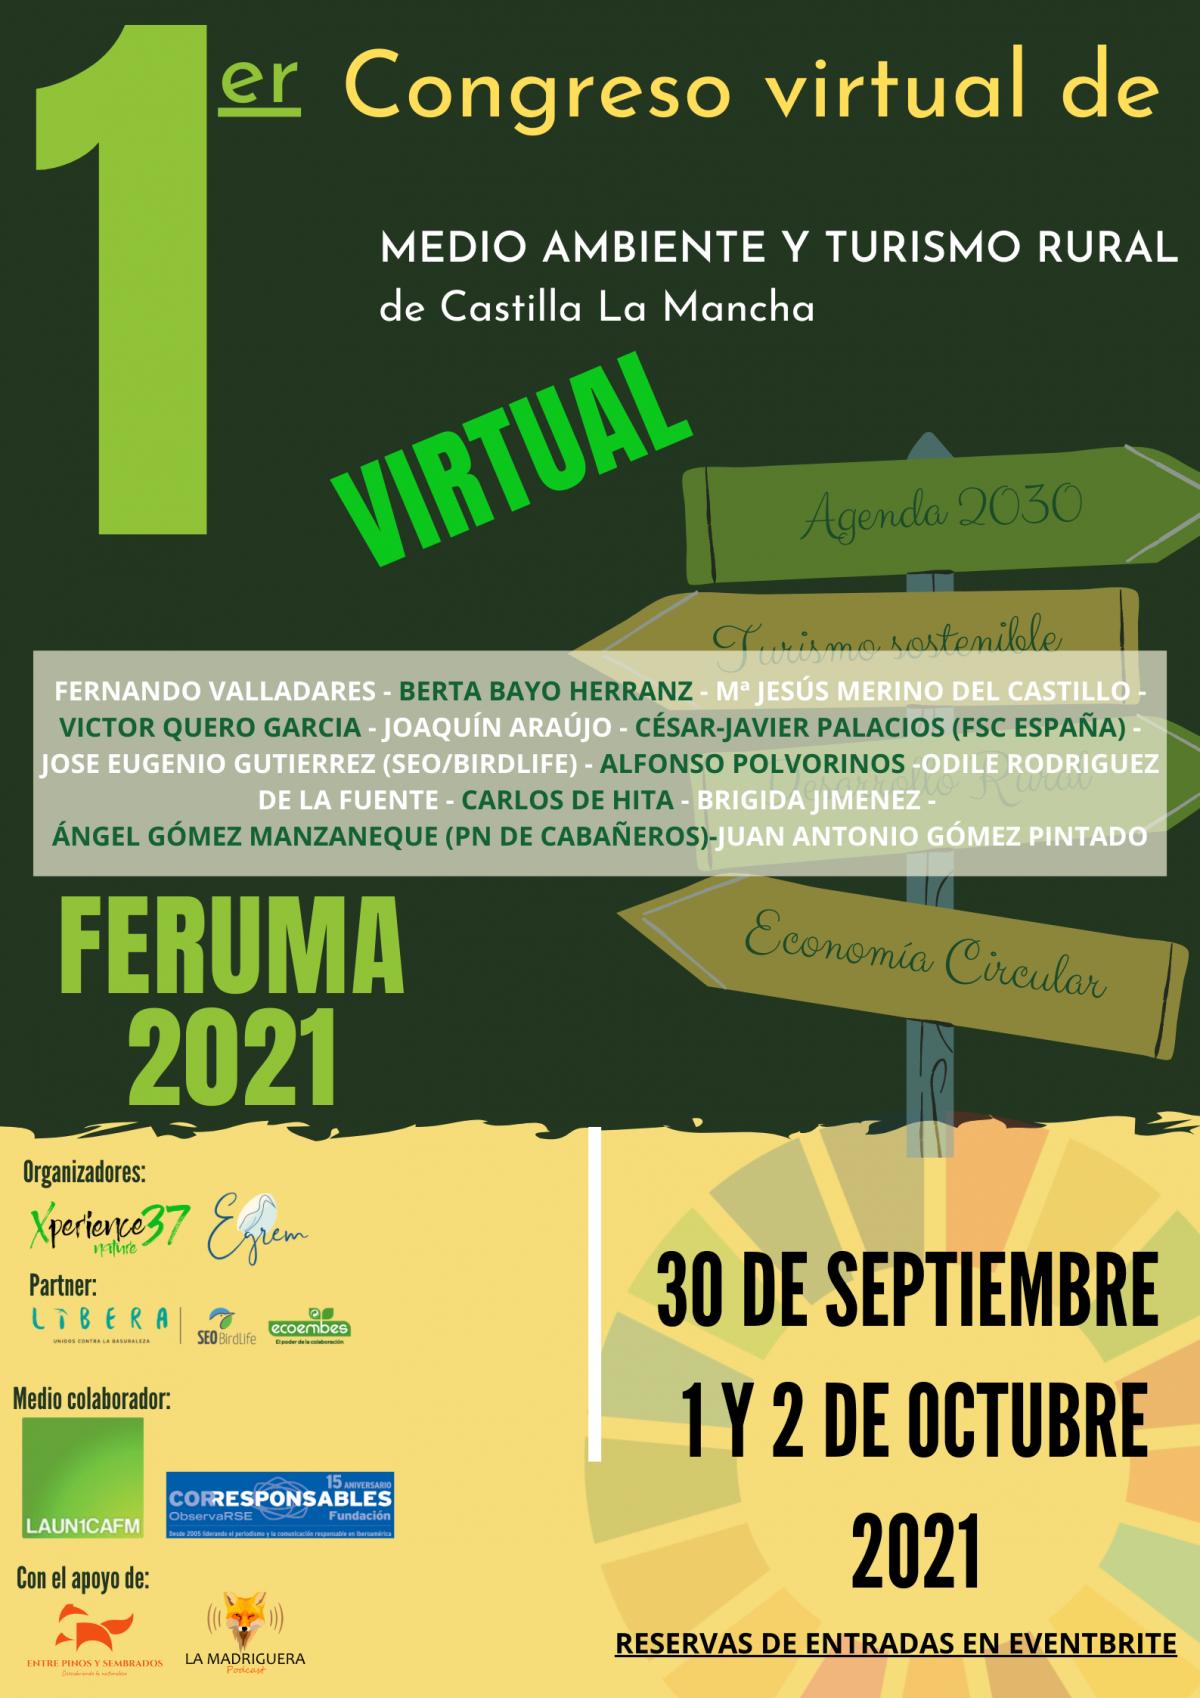 I Congreso de Medio Ambiente y Turismo Rural de Castilla La Mancha